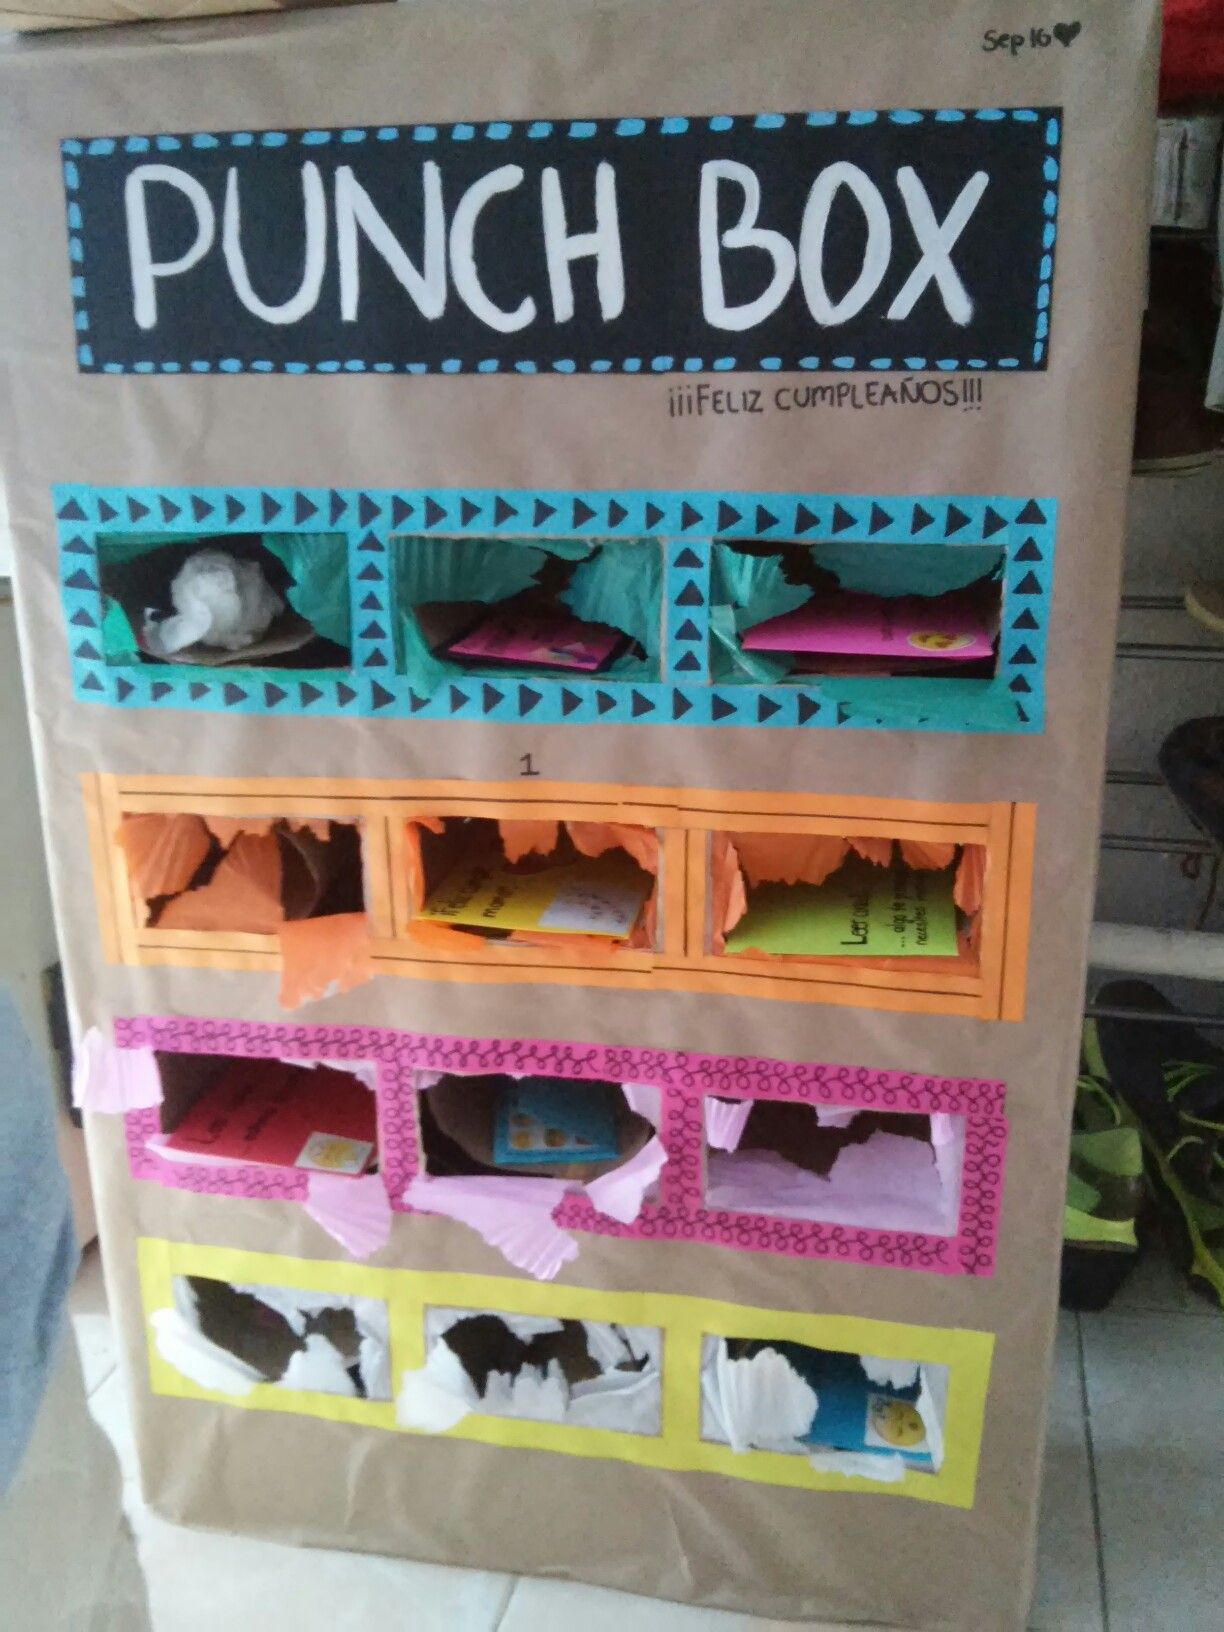 Punch box caja de sorpresas descubre lo que hay dentro - Sorpresas de cumpleanos ...